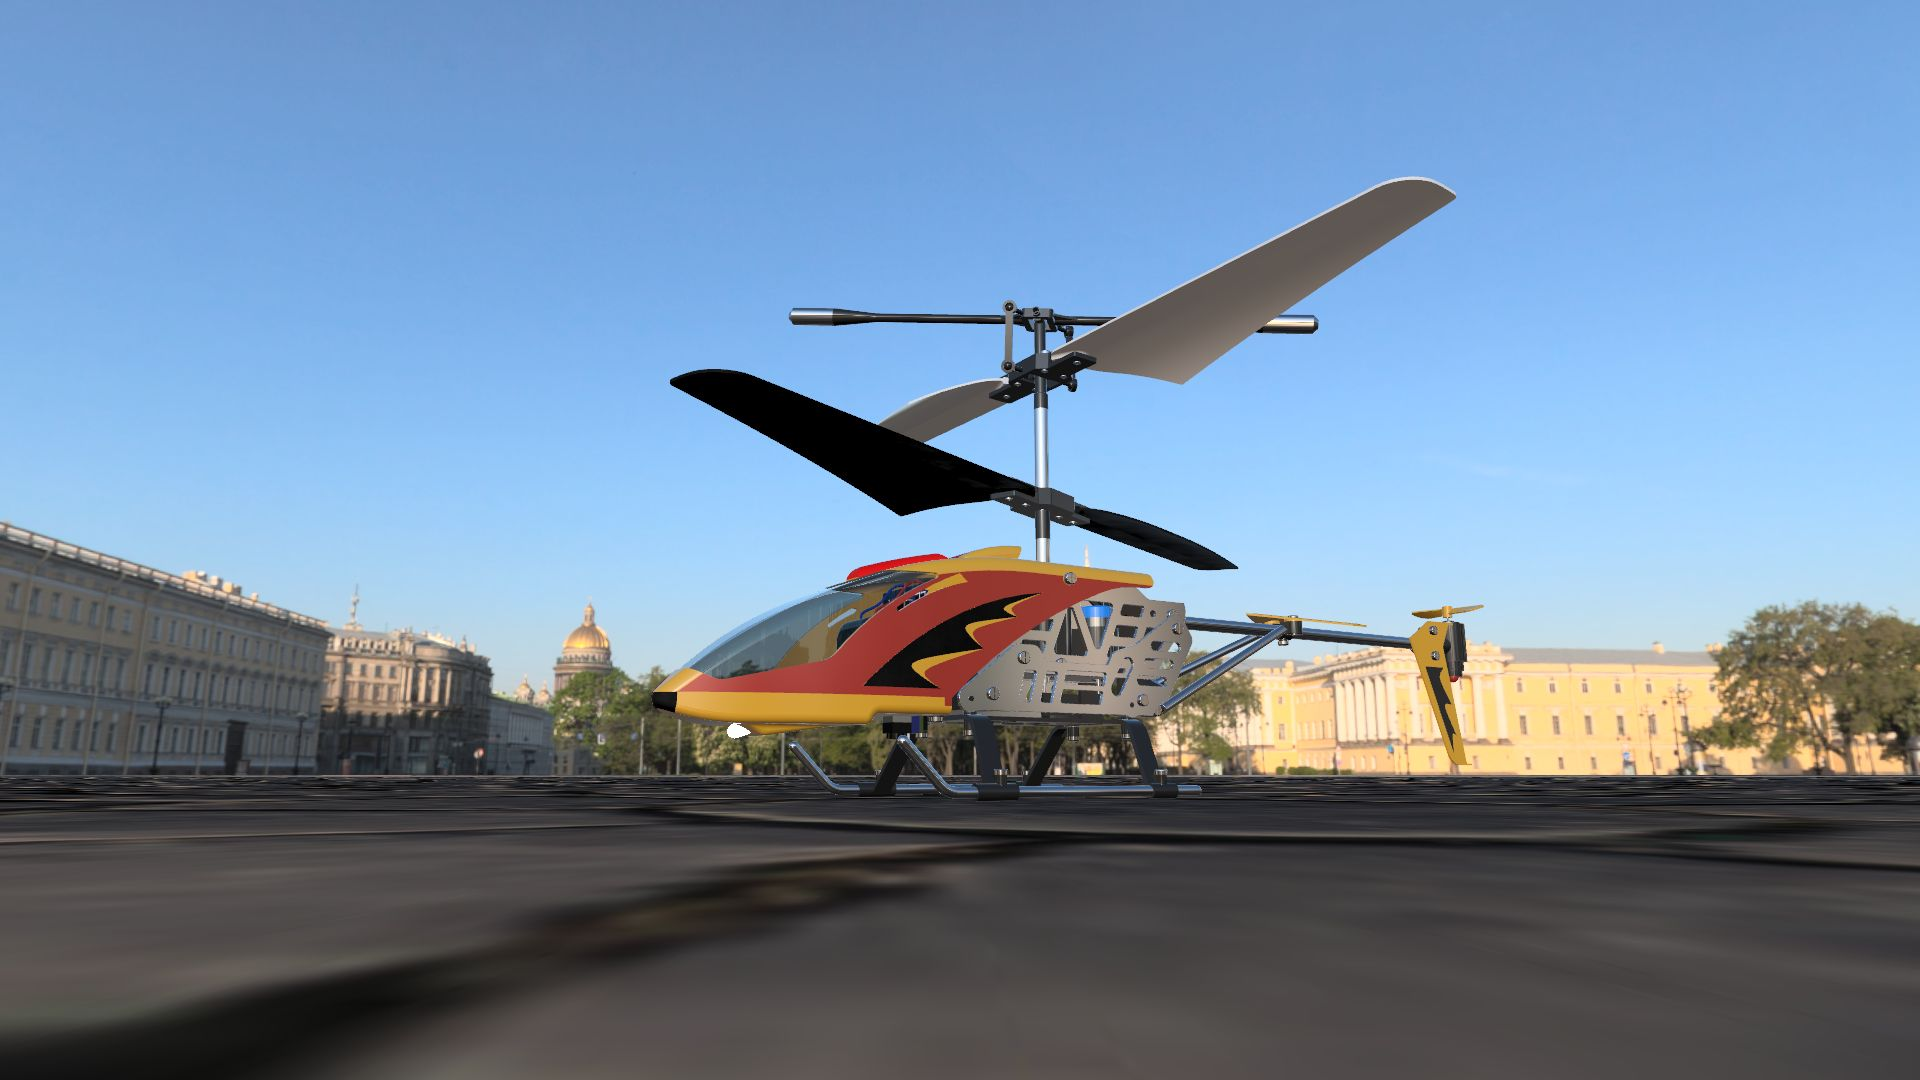 Chopper-02-3500-3500